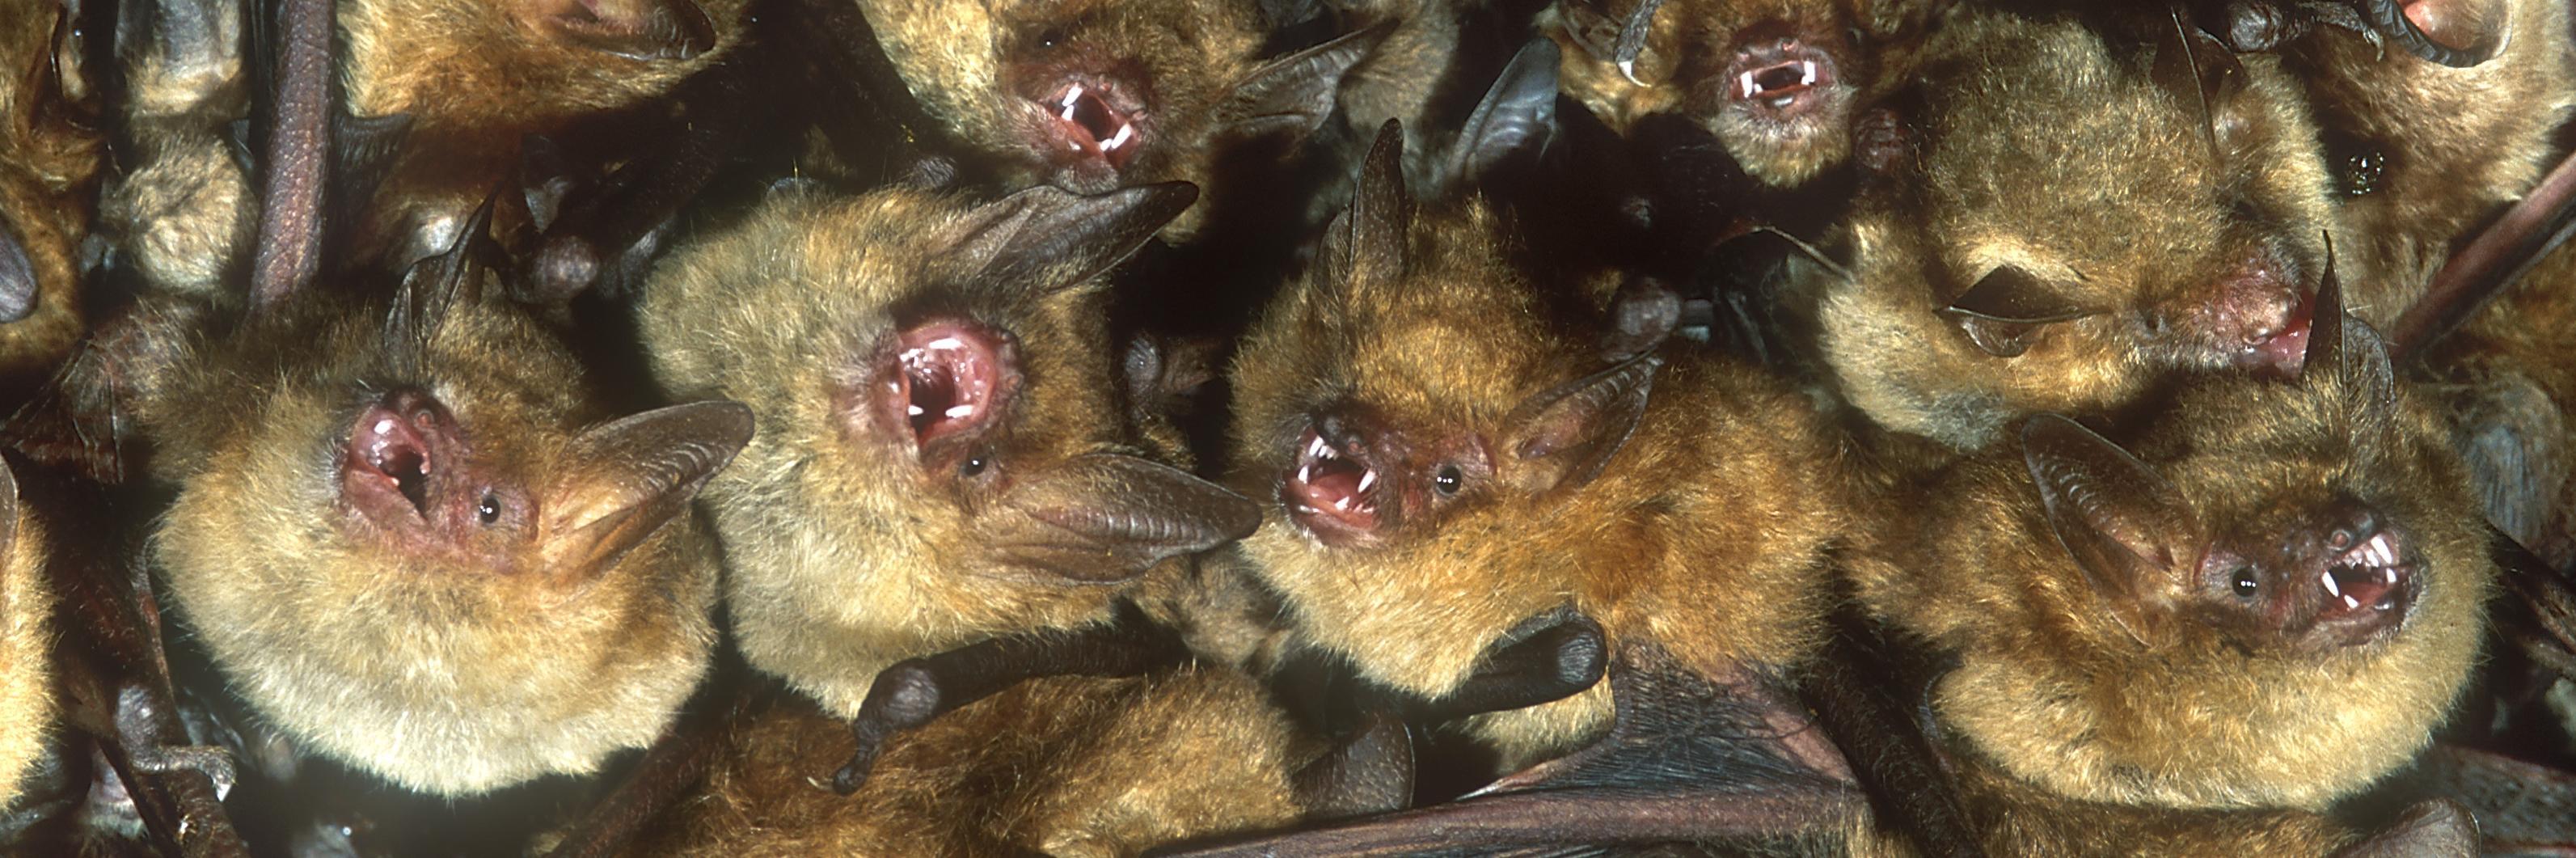 Kolonie Ingekorven vleermuizen